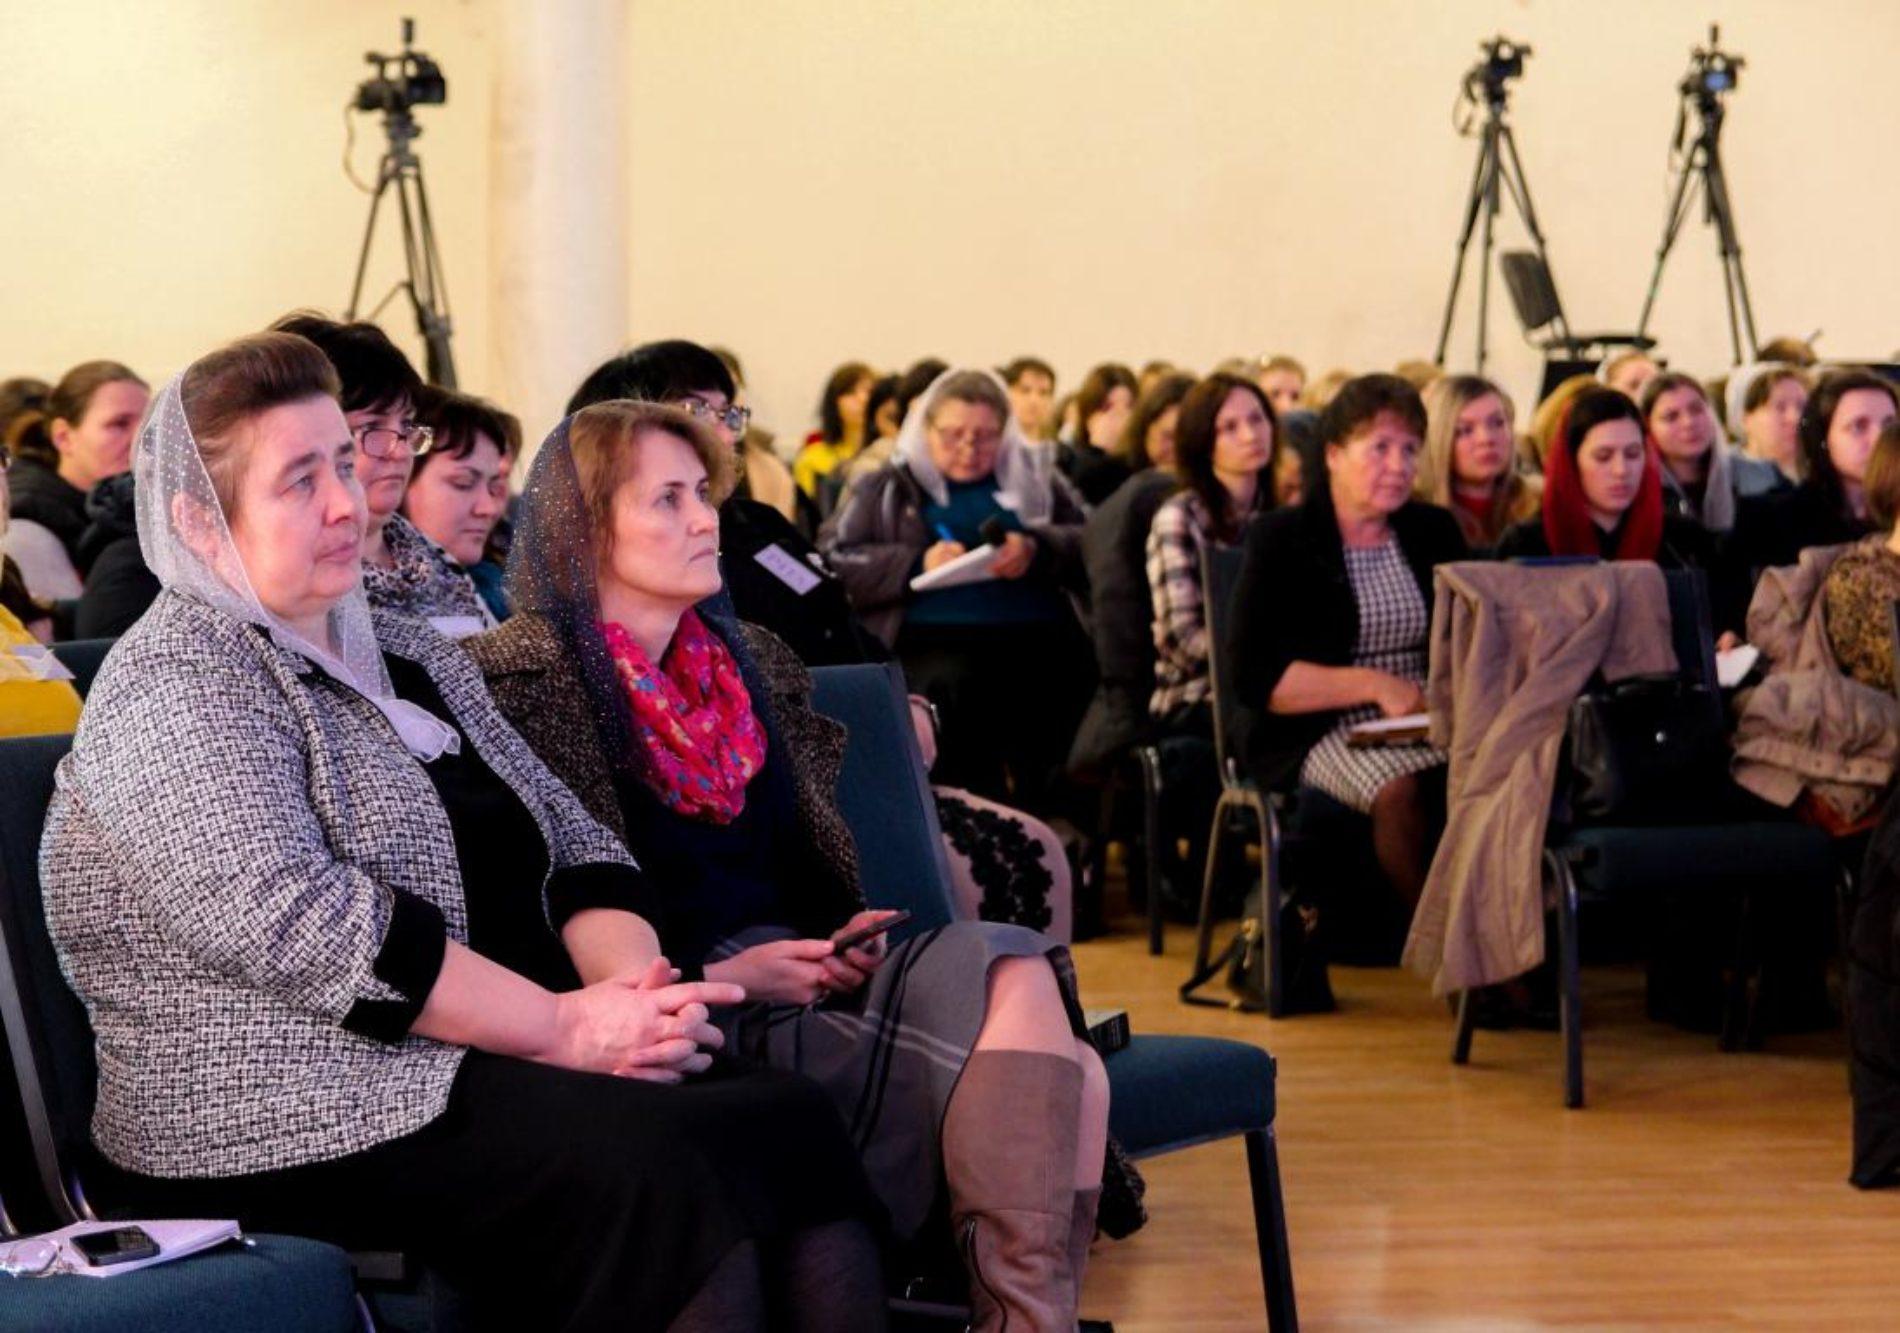 Щаслива жінка – здорова жінка: про те, як залишатись такою сестрам розповіла акушер-гінеколог Анна Савочкіна (ФОТО)